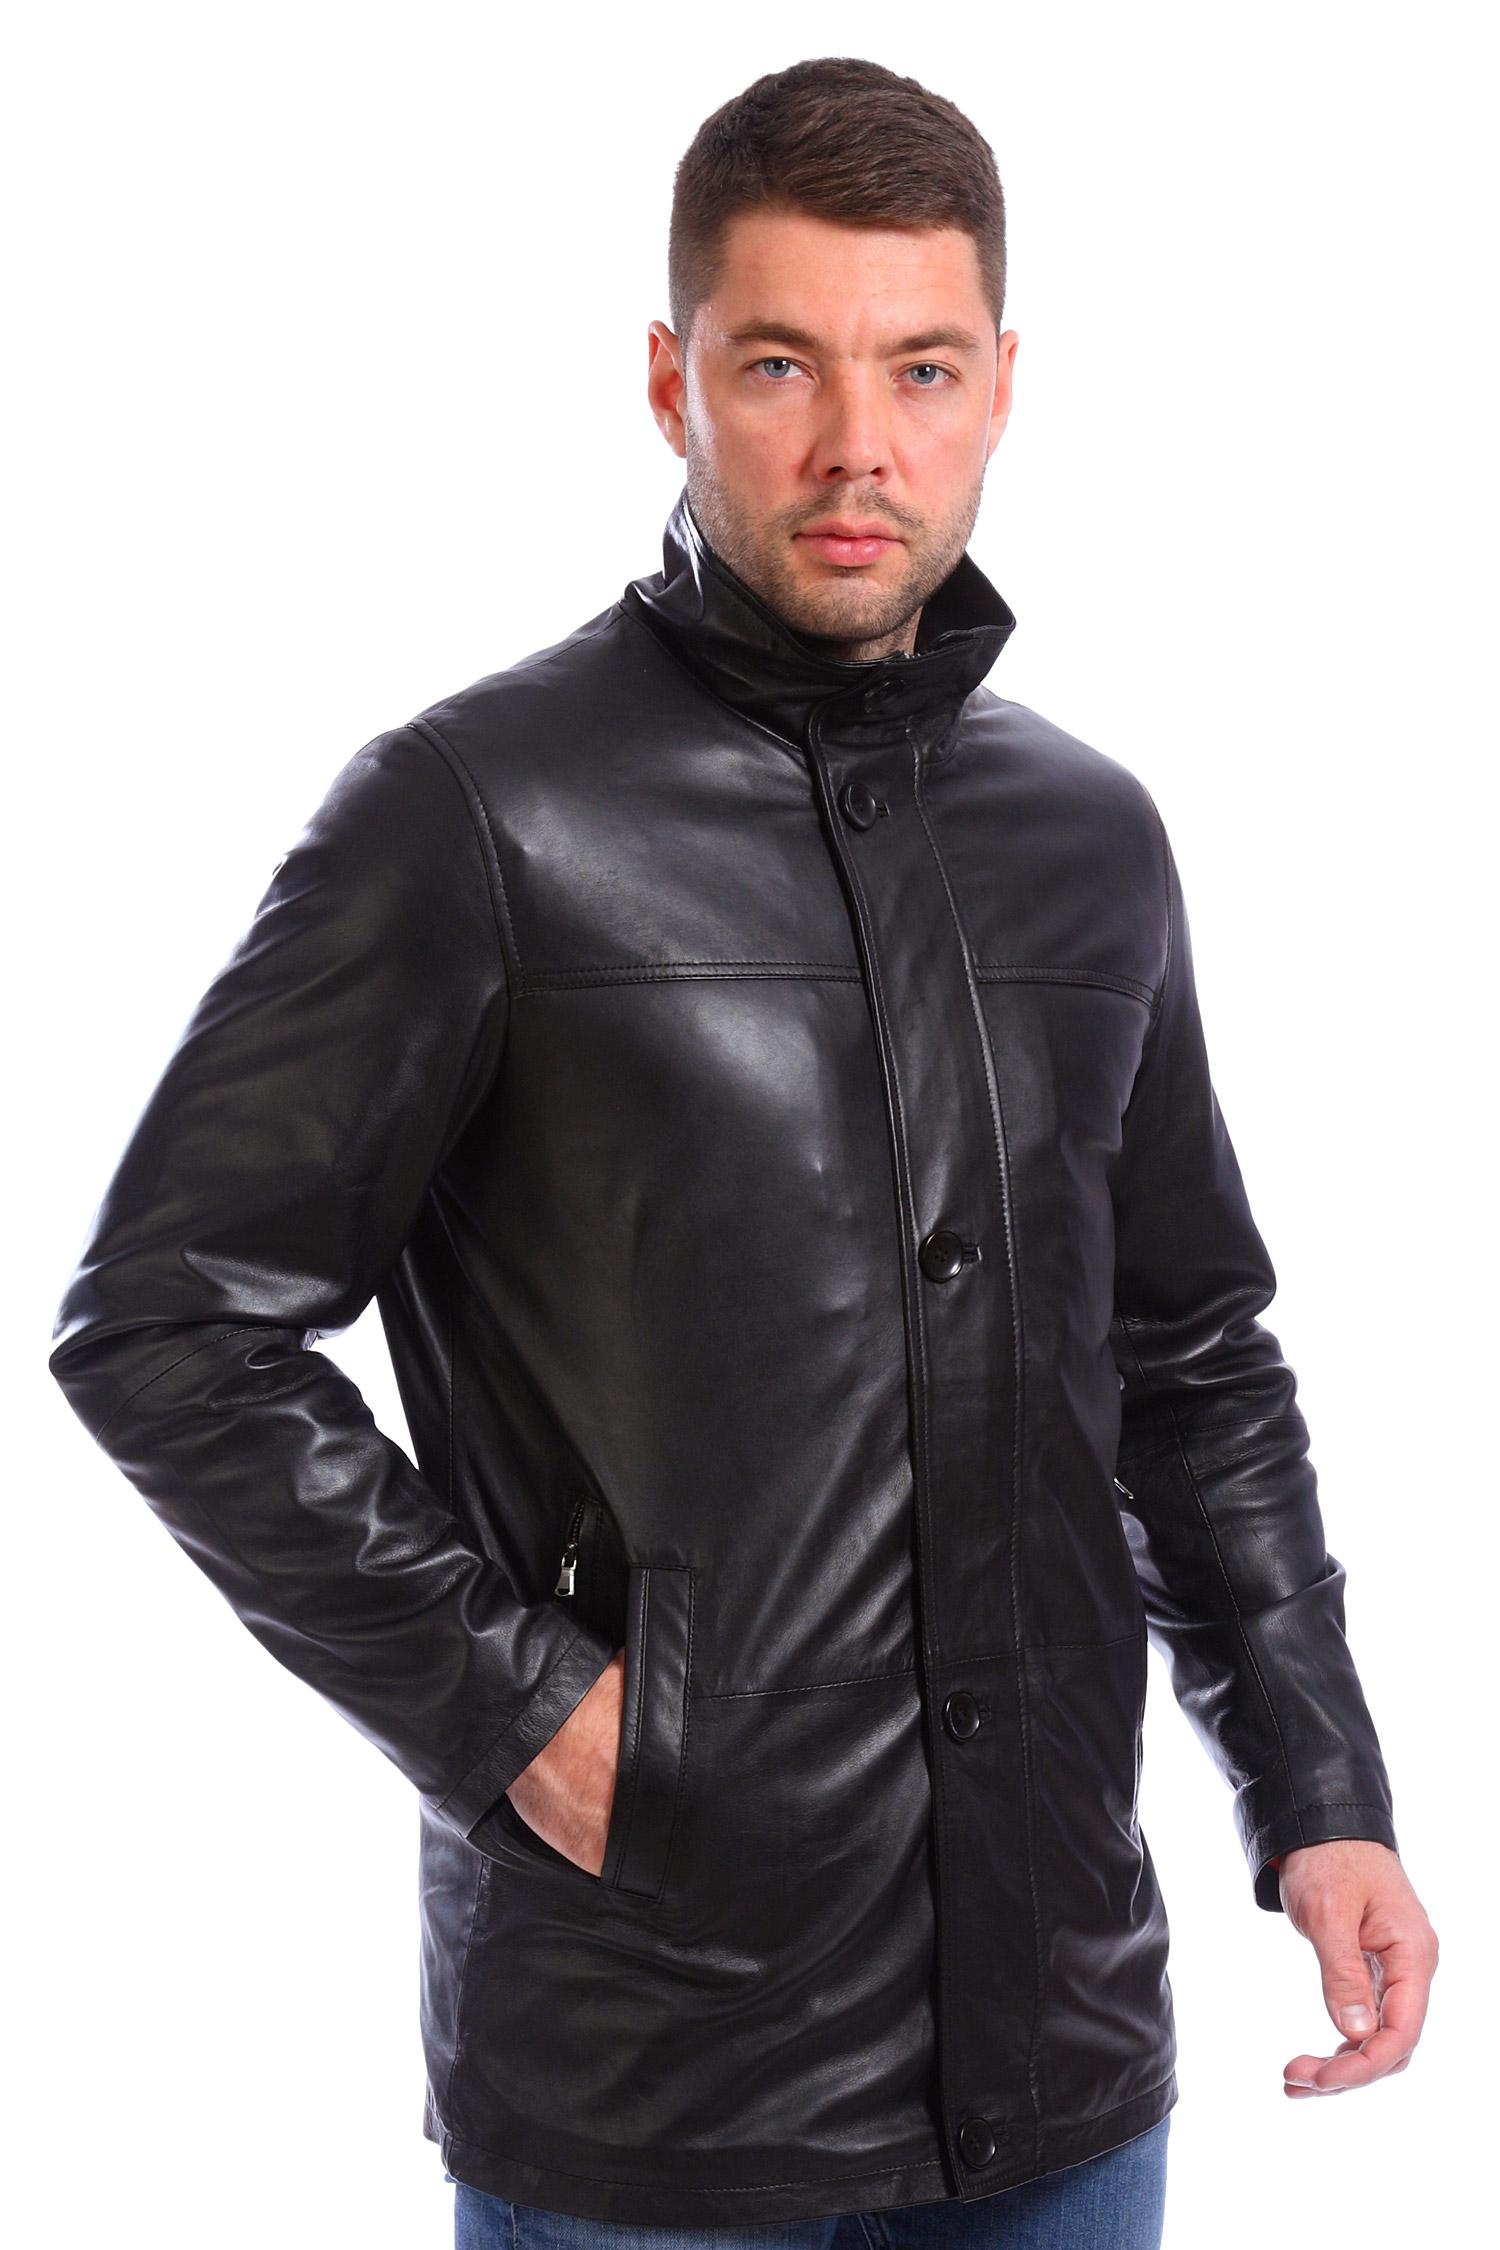 Мужская кожаная куртка из натуральной кожи<br><br>Воротник: стойка<br>Длина см: Средняя (75-89 )<br>Материал: Кожа овчина<br>Цвет: черный<br>Пол: Мужской<br>Размер RU: 58